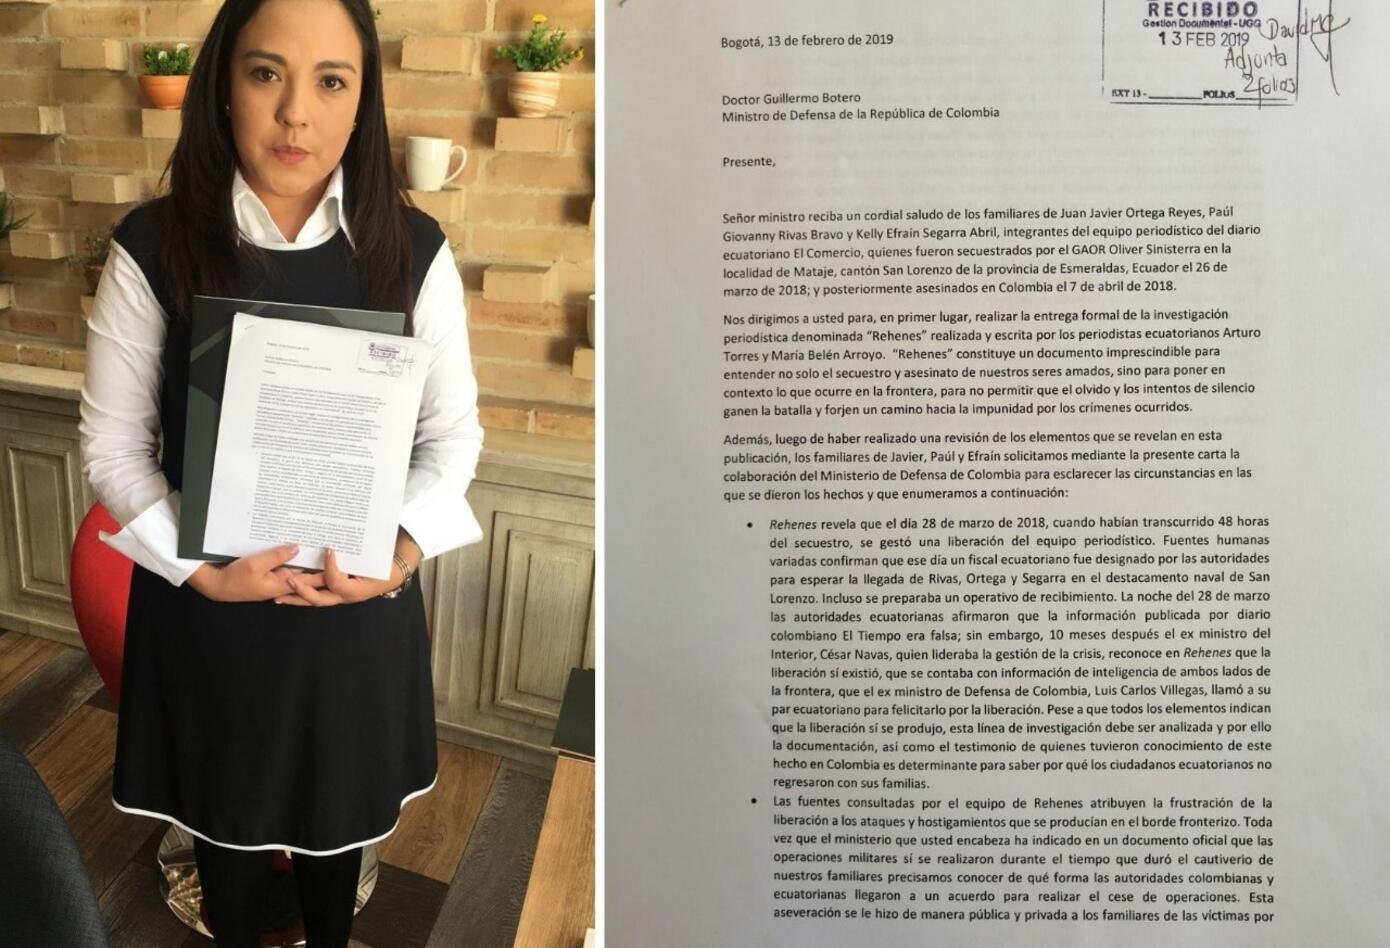 Yadira Aguagallo, quien fuera novia de Paul Rivas, asesinado por disidencias de las Farc